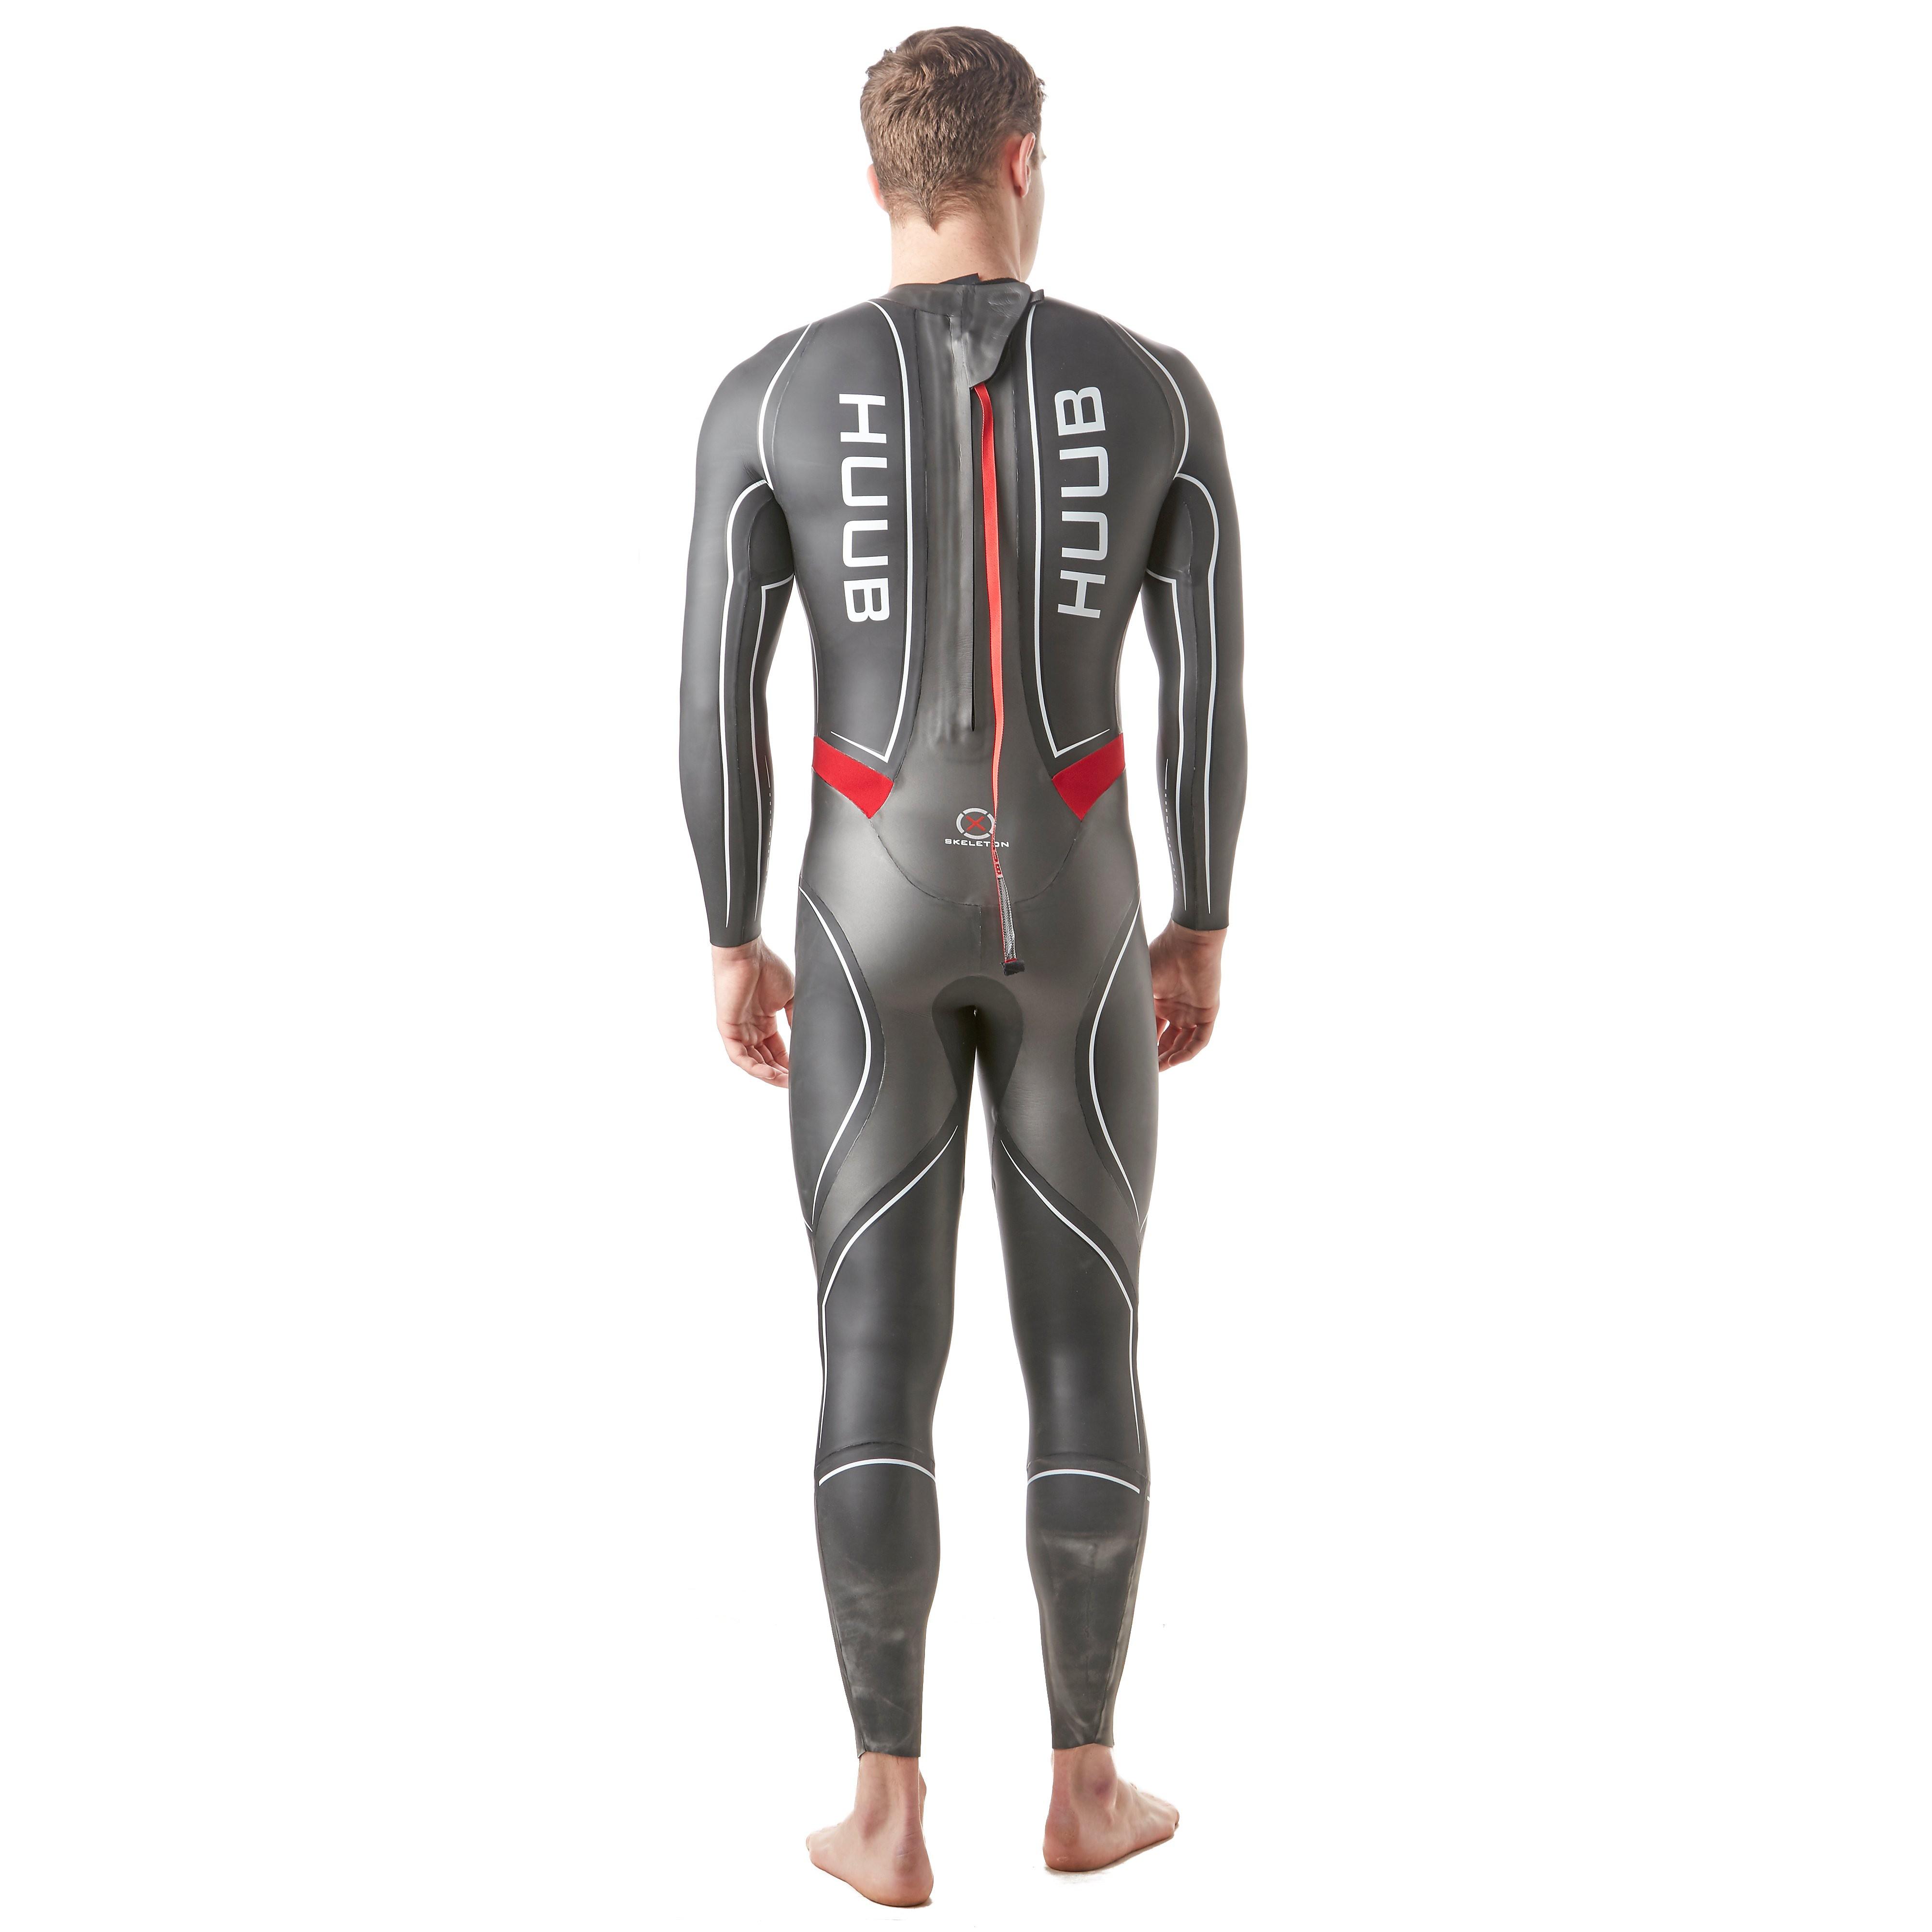 Huub AEGIS III 3:5 Men's Triathlon Wetsuit